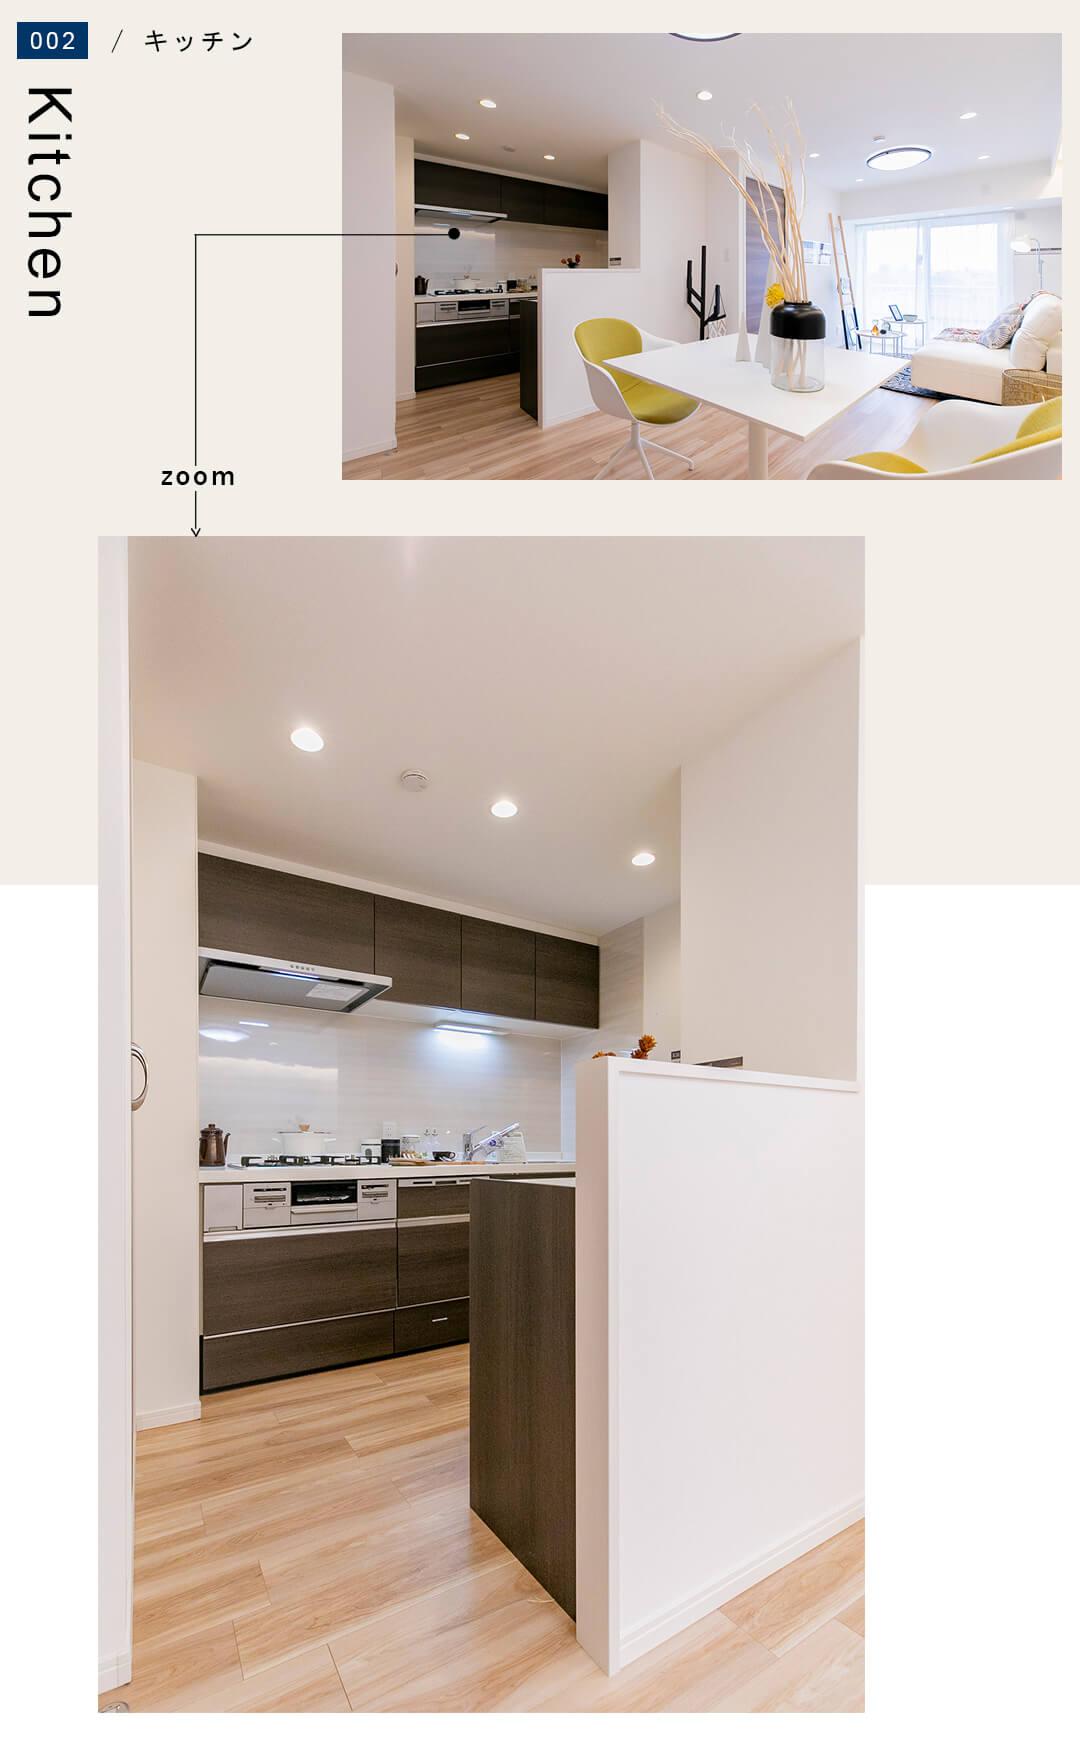 中銀目黒マンシオンのキッチン